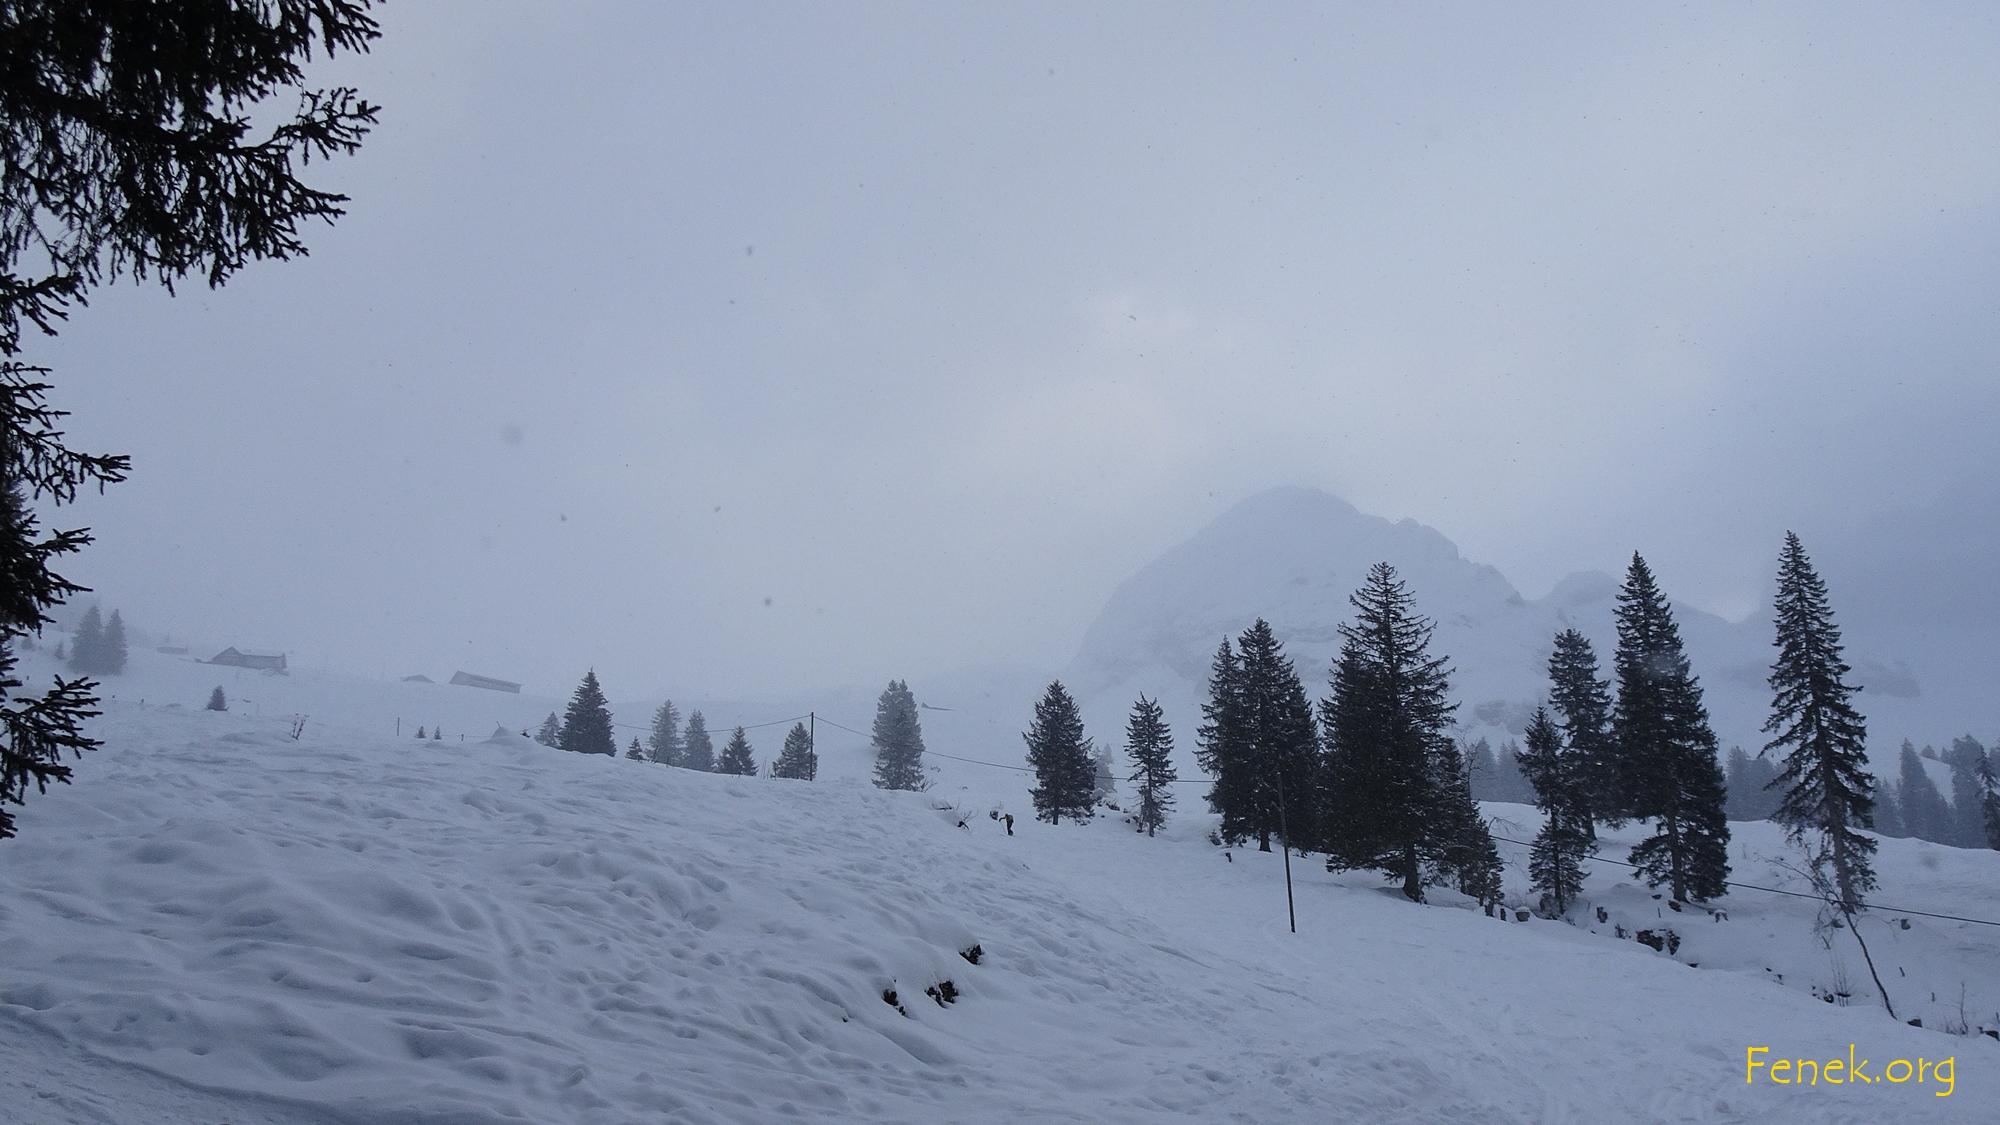 Übergang vom Schneefall in besseres Wetter